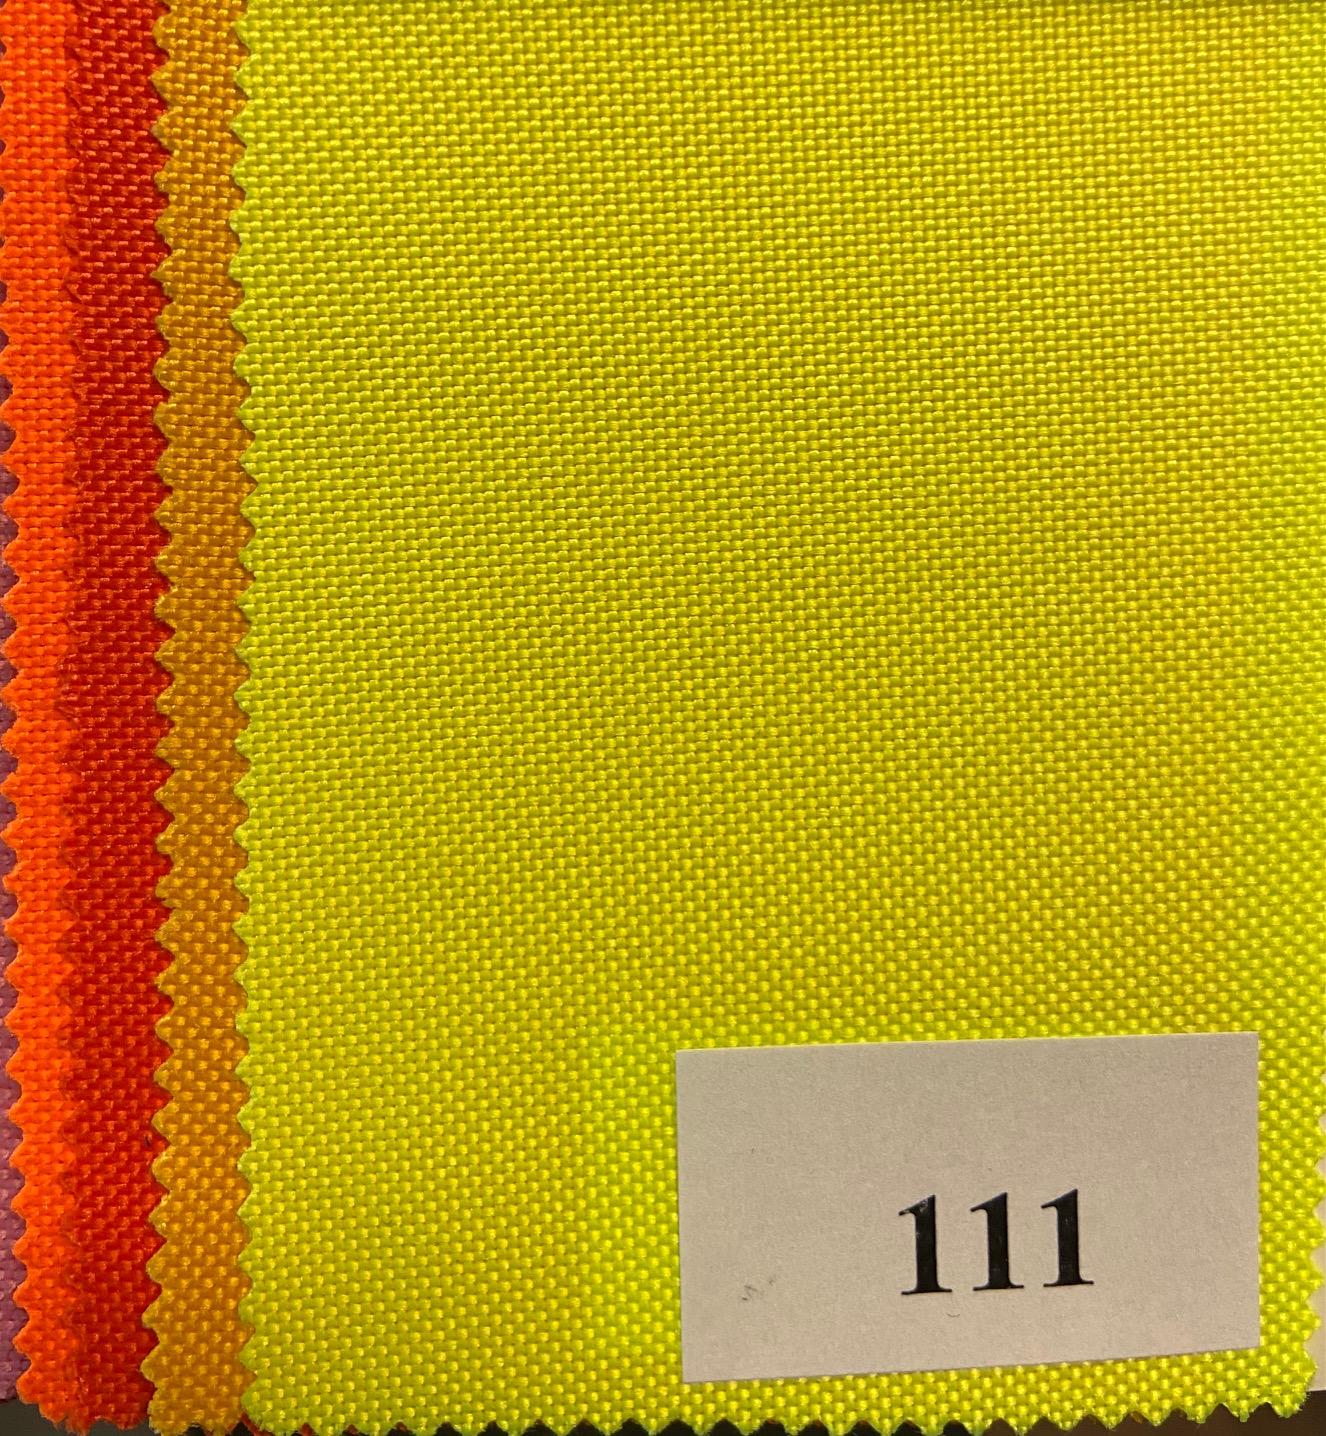 Audums Oxford, bl.200g/m², pl.160cm, citrondzeltens. 100% poliesters. Bezmaksas piegāde!